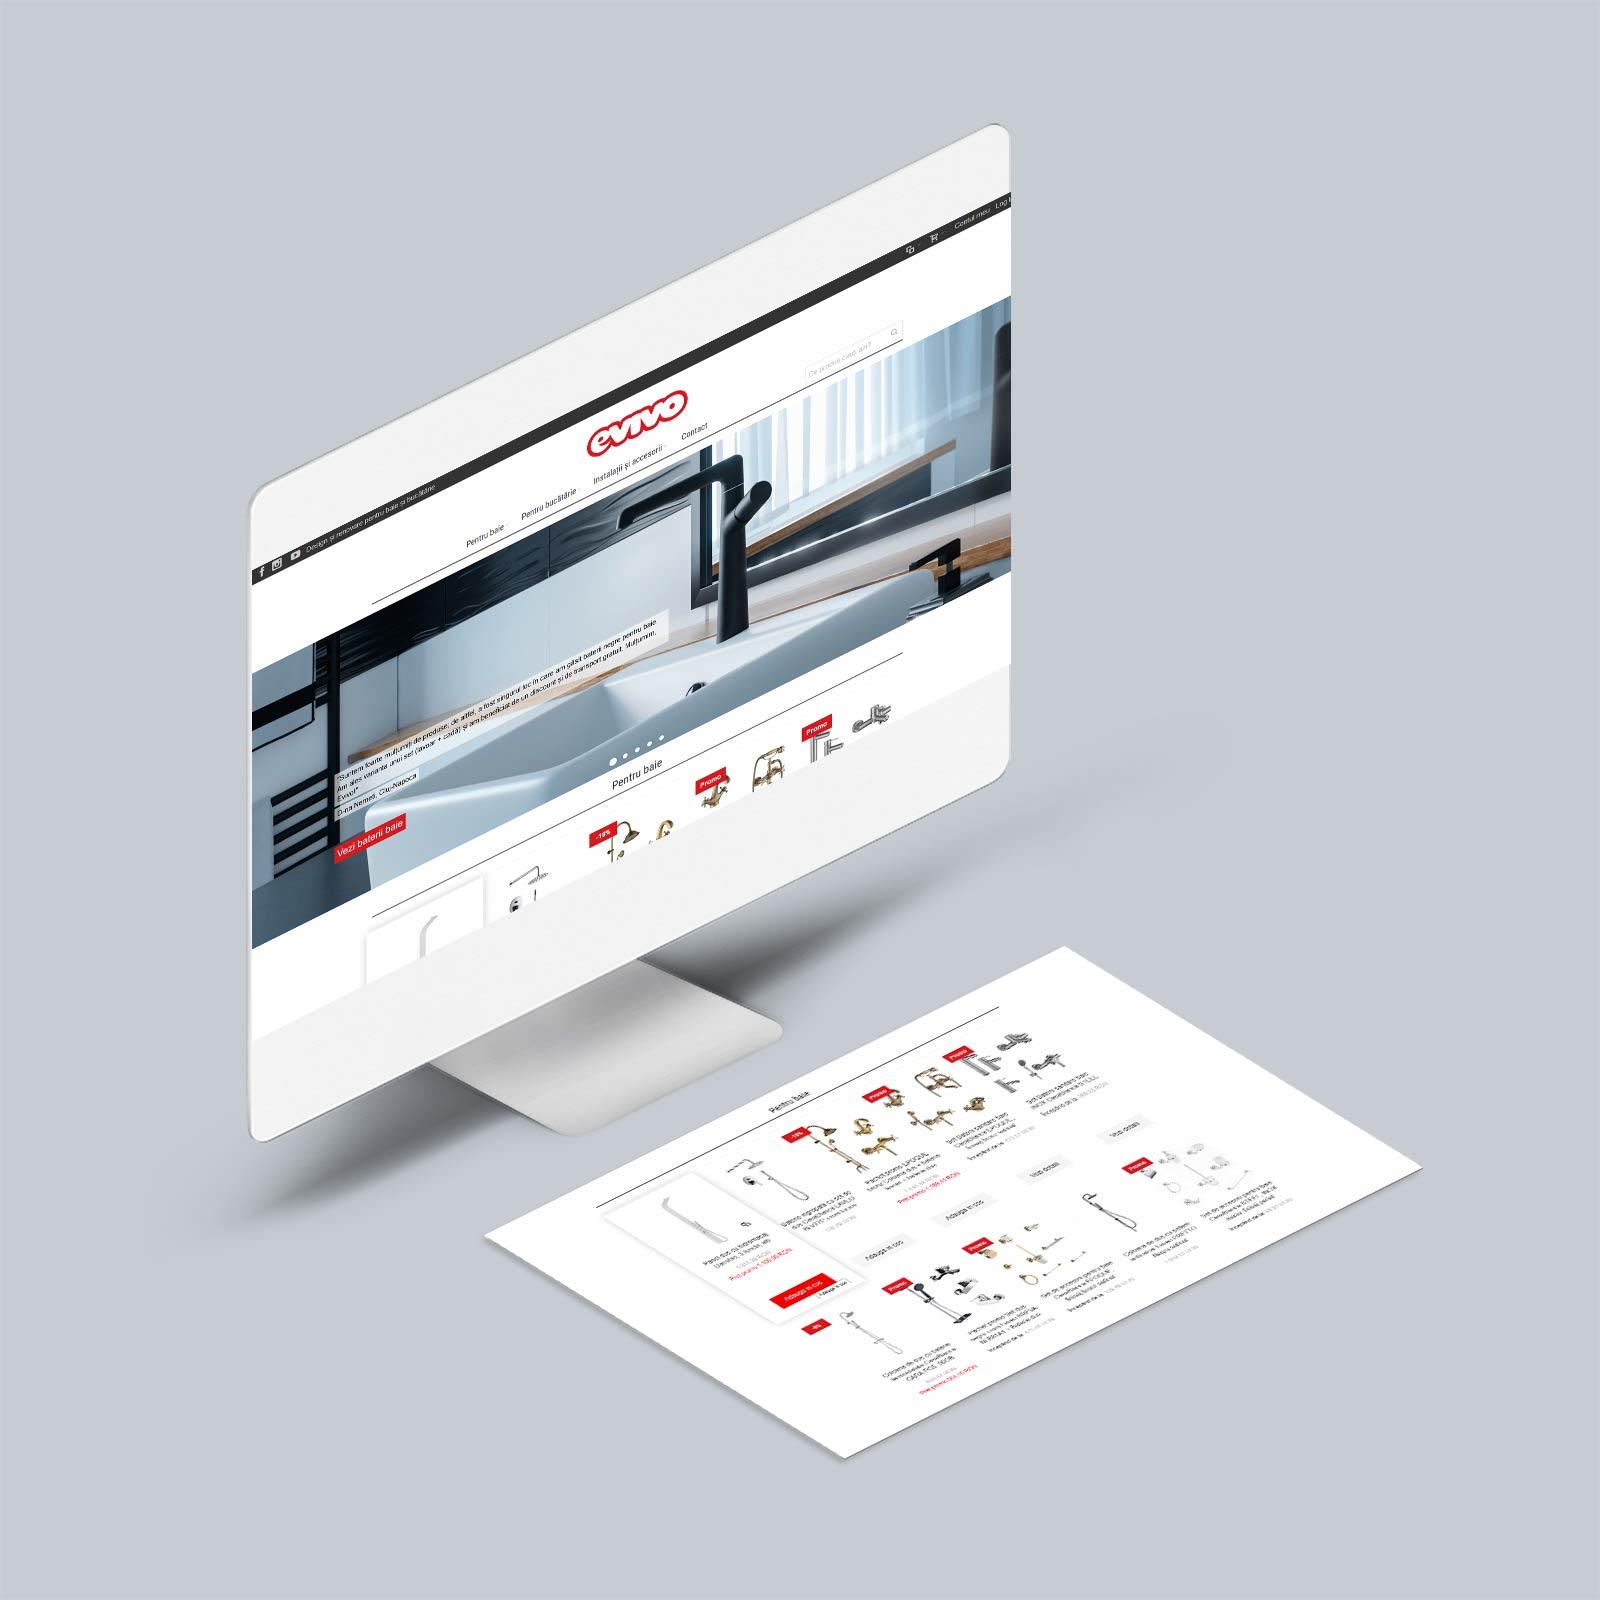 vanzari-online-pentru-un-business-cu-succes-comertul-traditional-evivo-ro